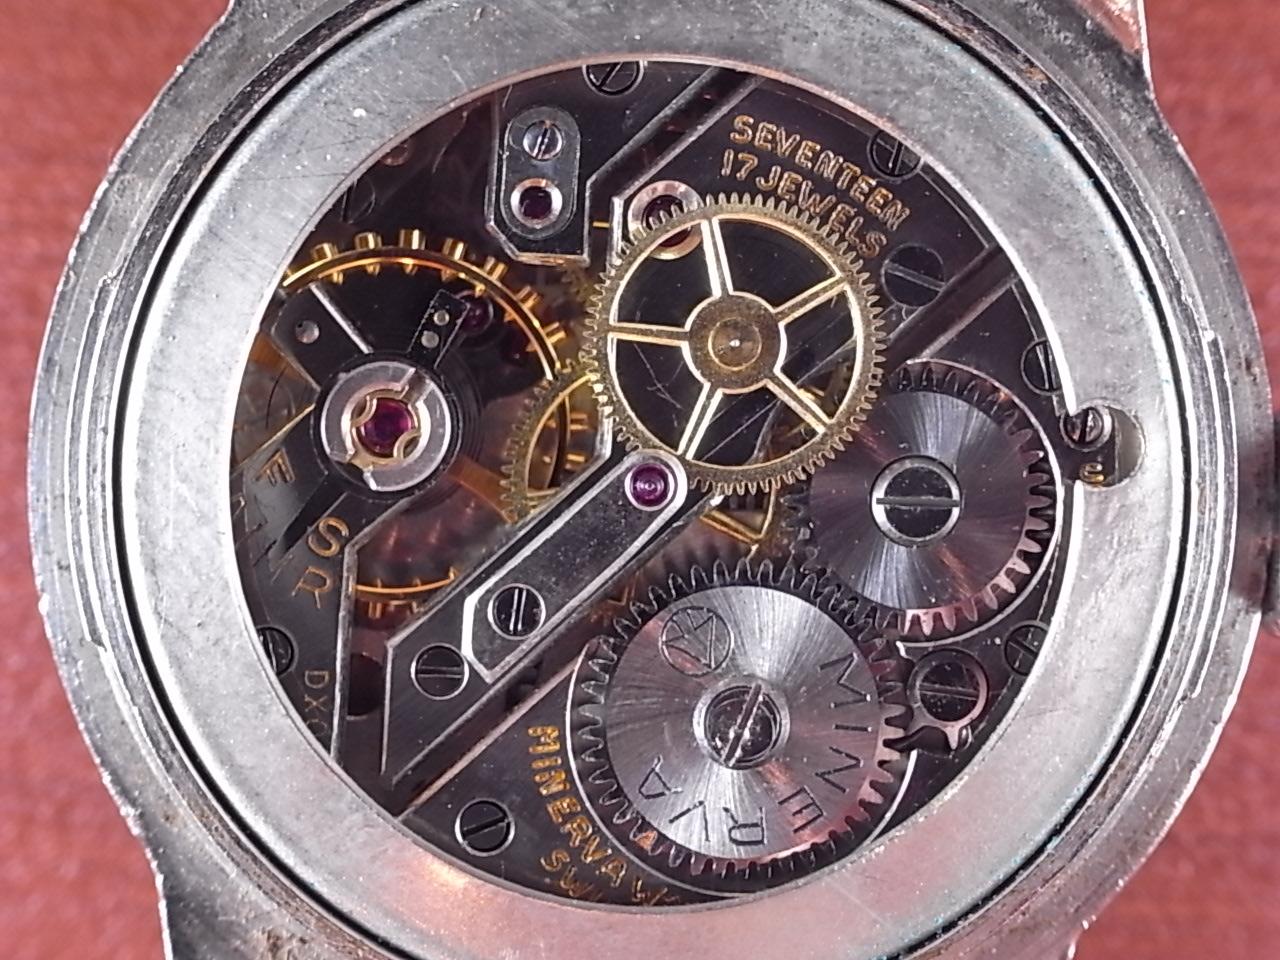 ミネルバ キャリバー49 ピンクダイアル ツイストバック 1940年代の写真5枚目